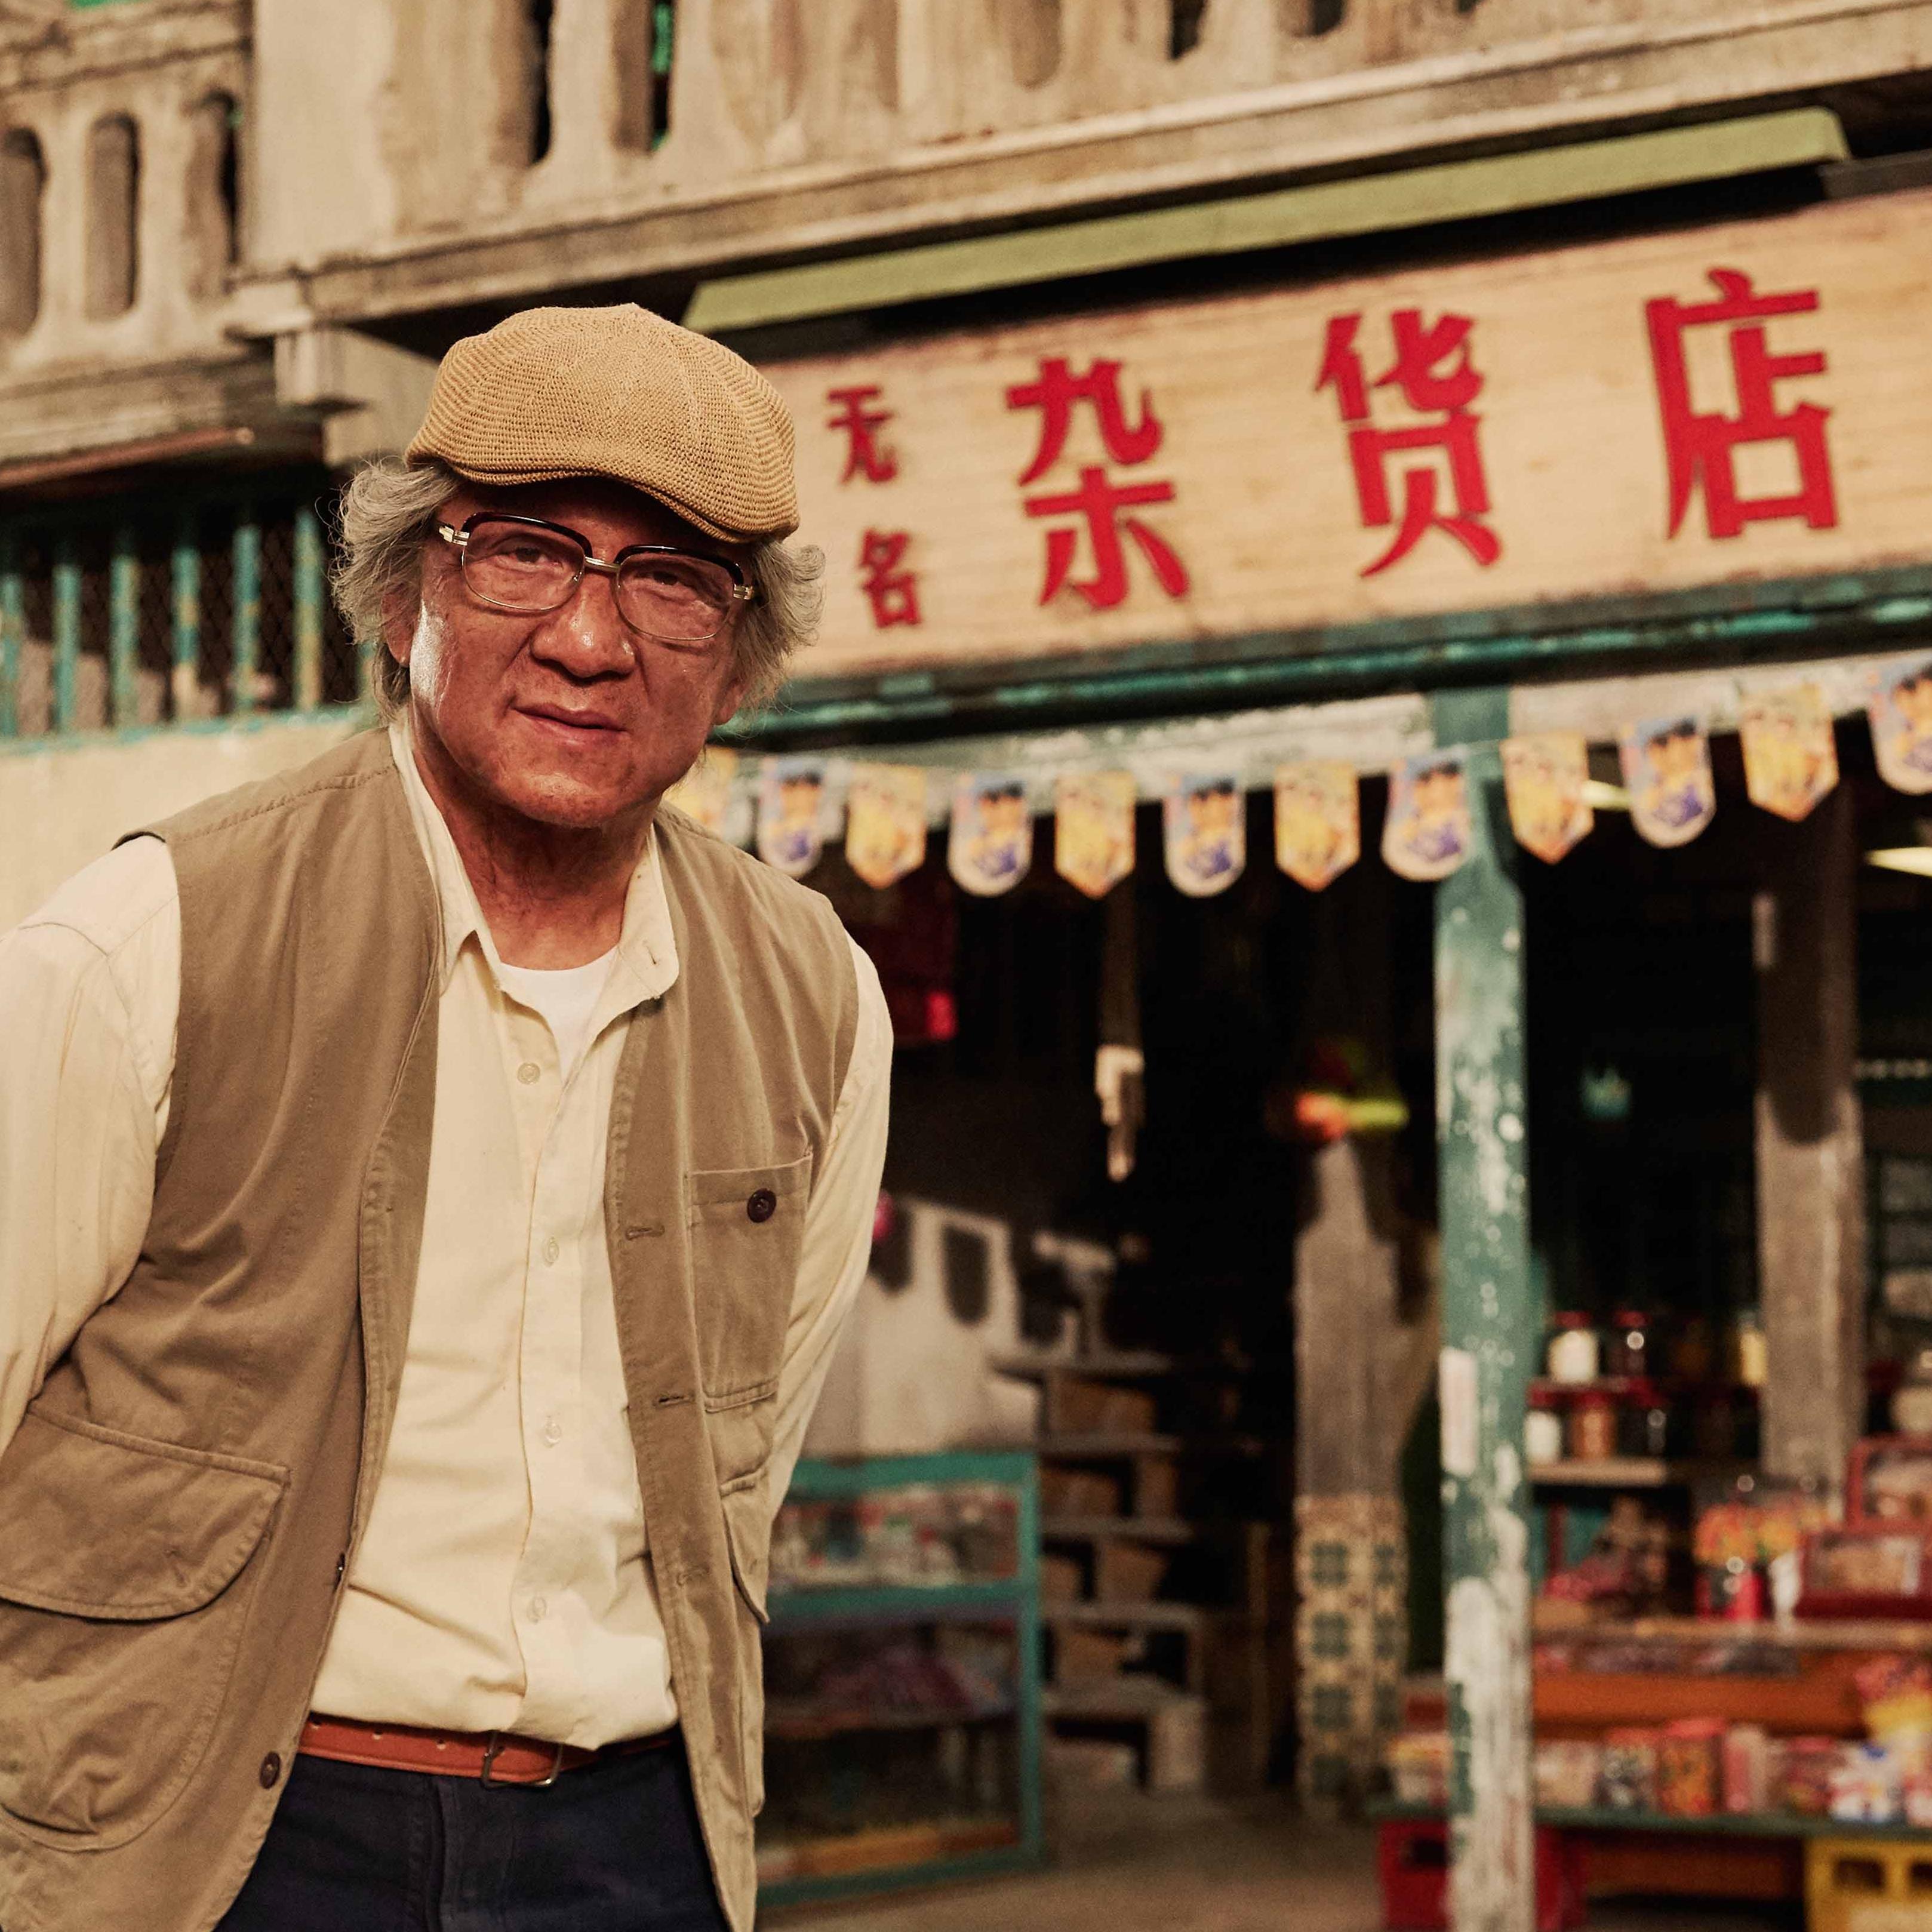 華語版《解憂雜貨店》老闆原來是他來演......!!